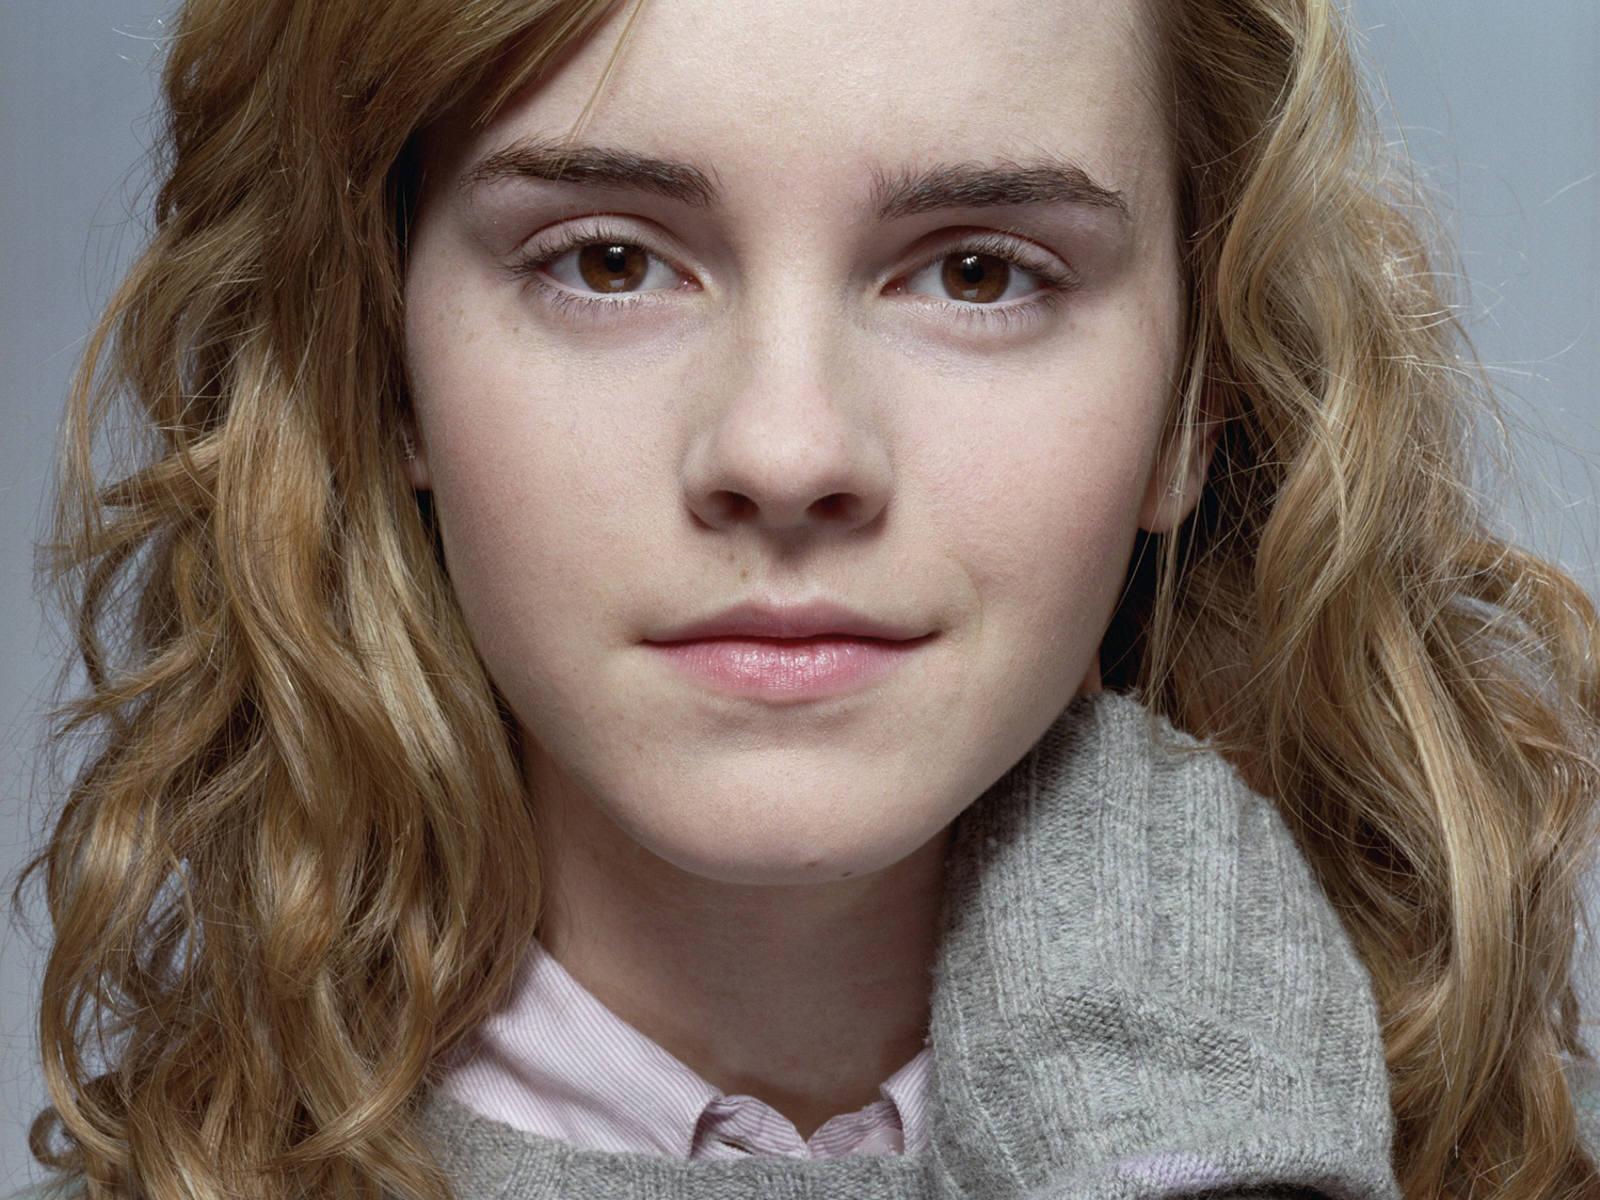 ly emma watson - Emma Watson Wallpaper (26957163) - Fanpop Emma Watson